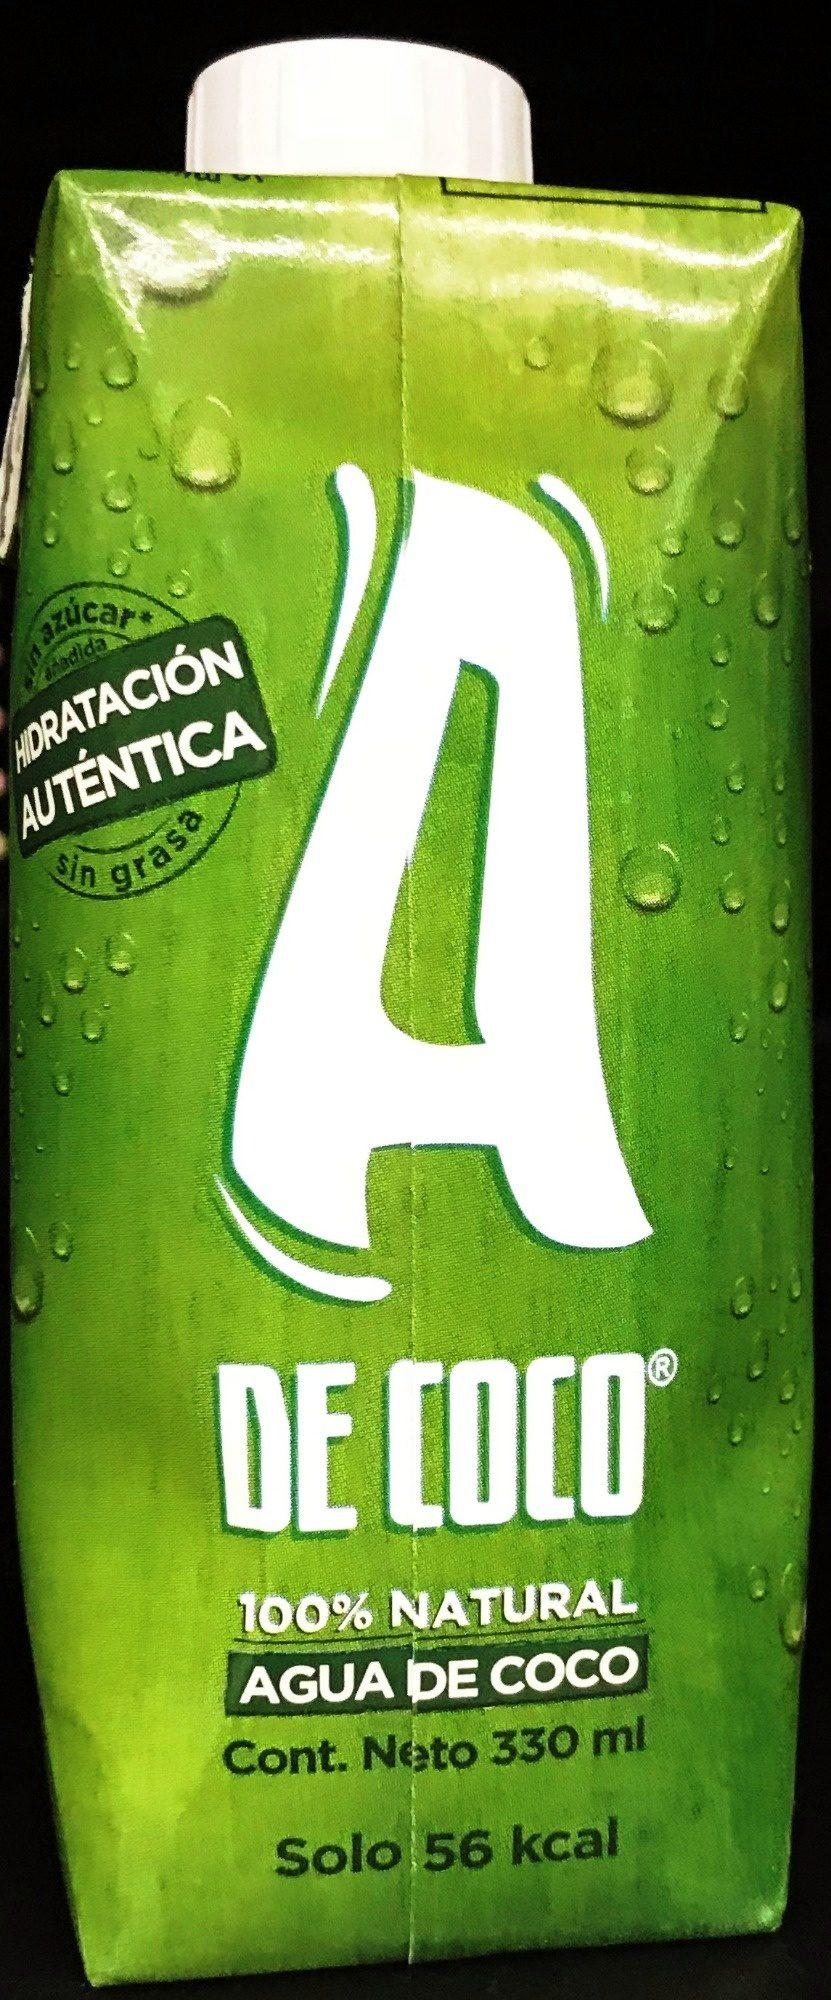 A de Coco - Producto - es